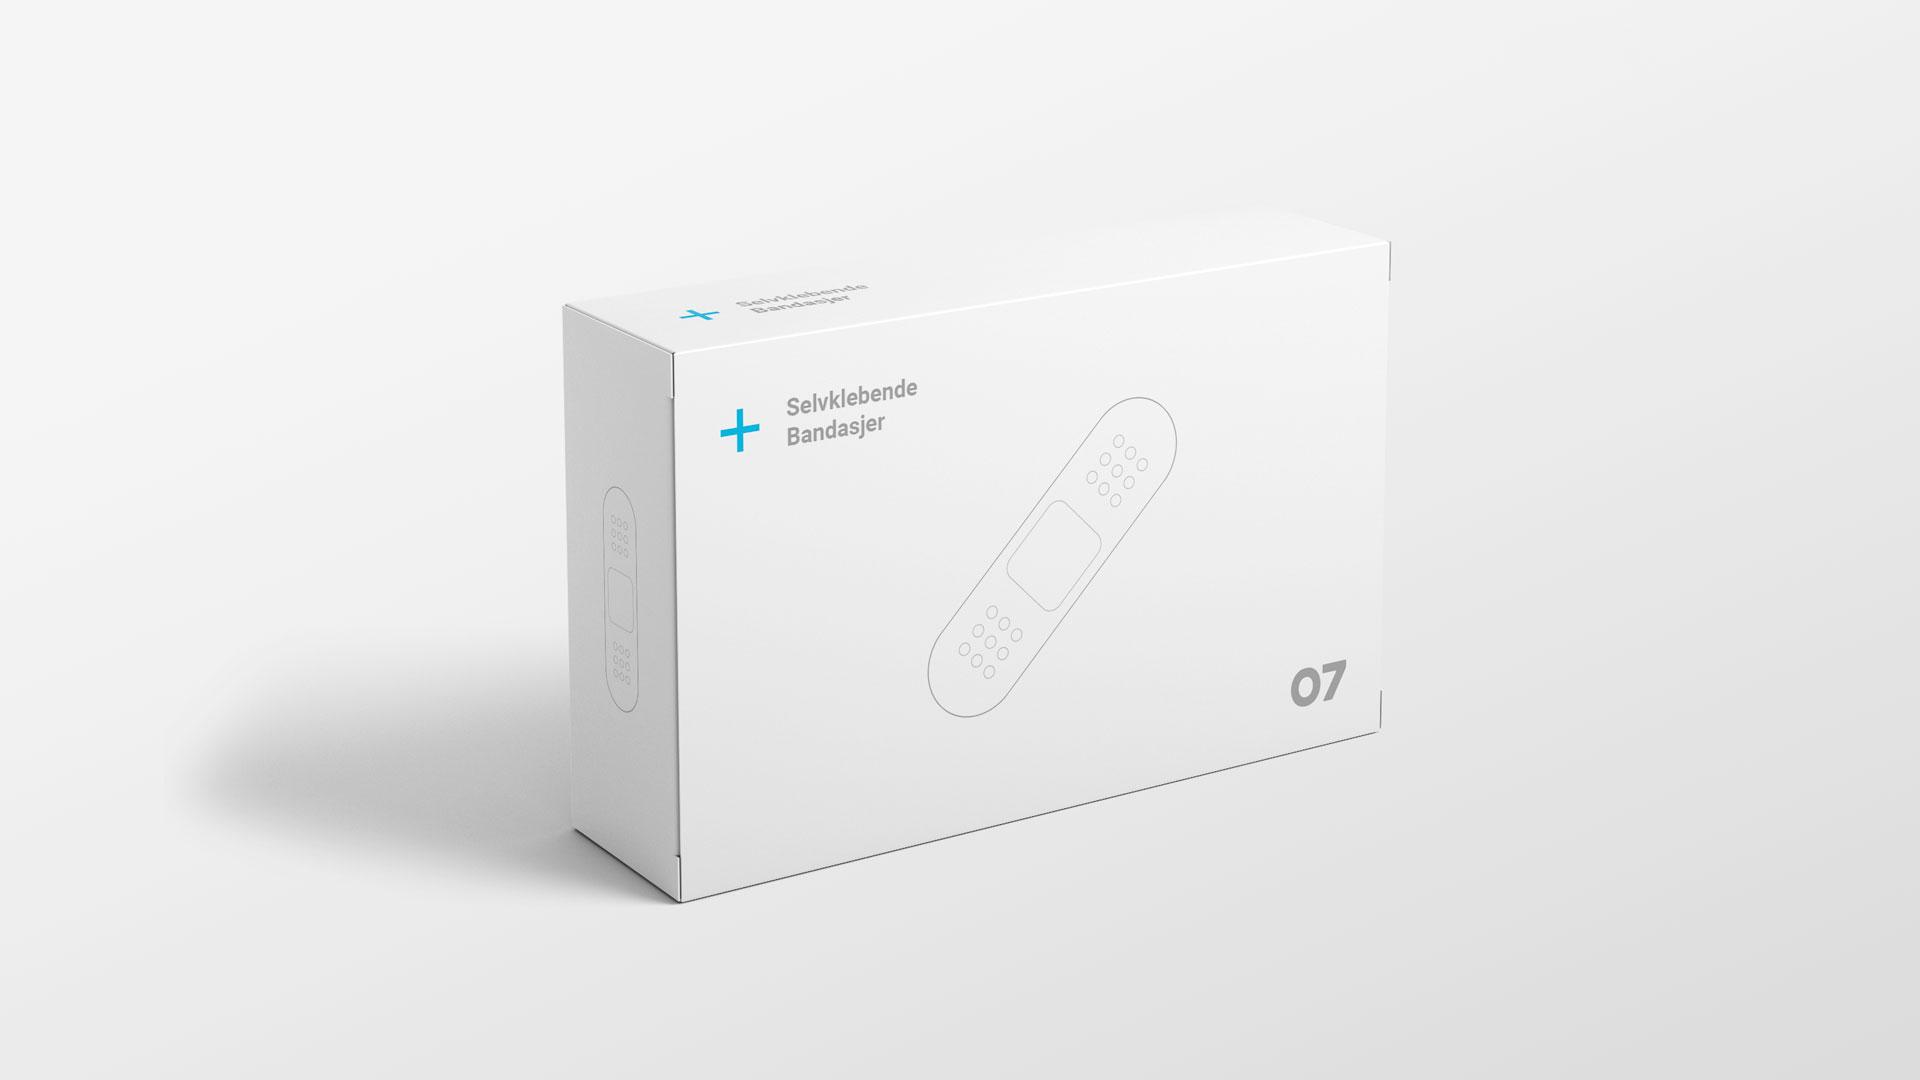 Emballasje med selvklebende bandasjer i 07 sin profil. Illustrasjonsbilde.